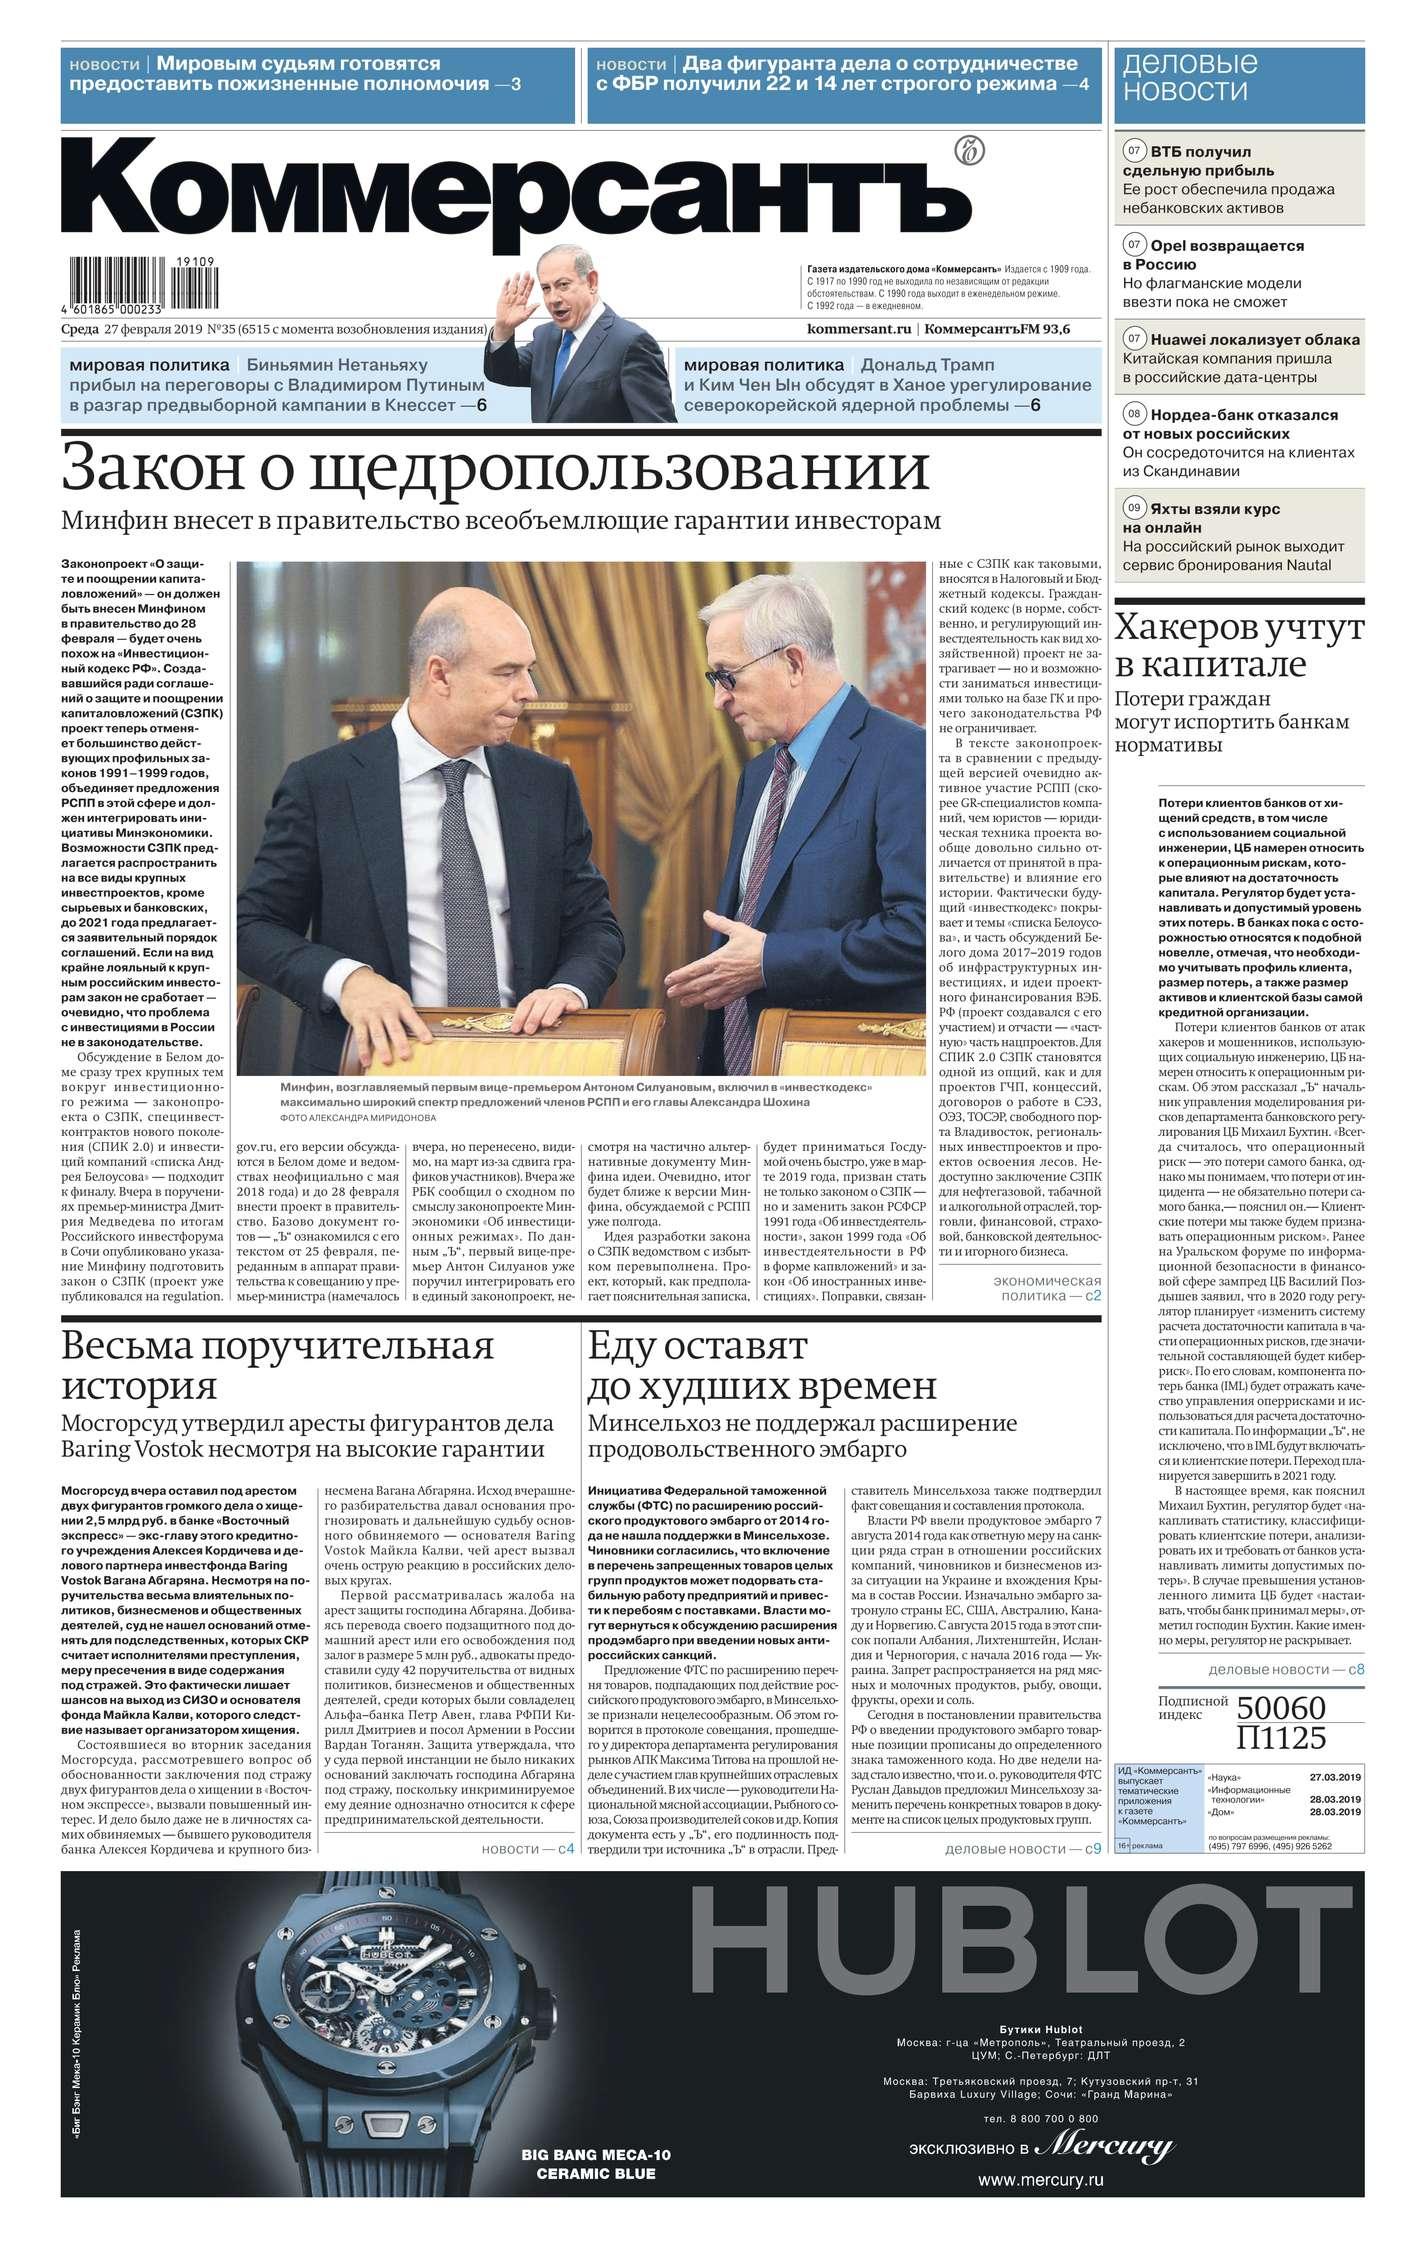 Редакция газеты Коммерсантъ (понедельник-пятница) Коммерсантъ (понедельник-пятница) 35-2019